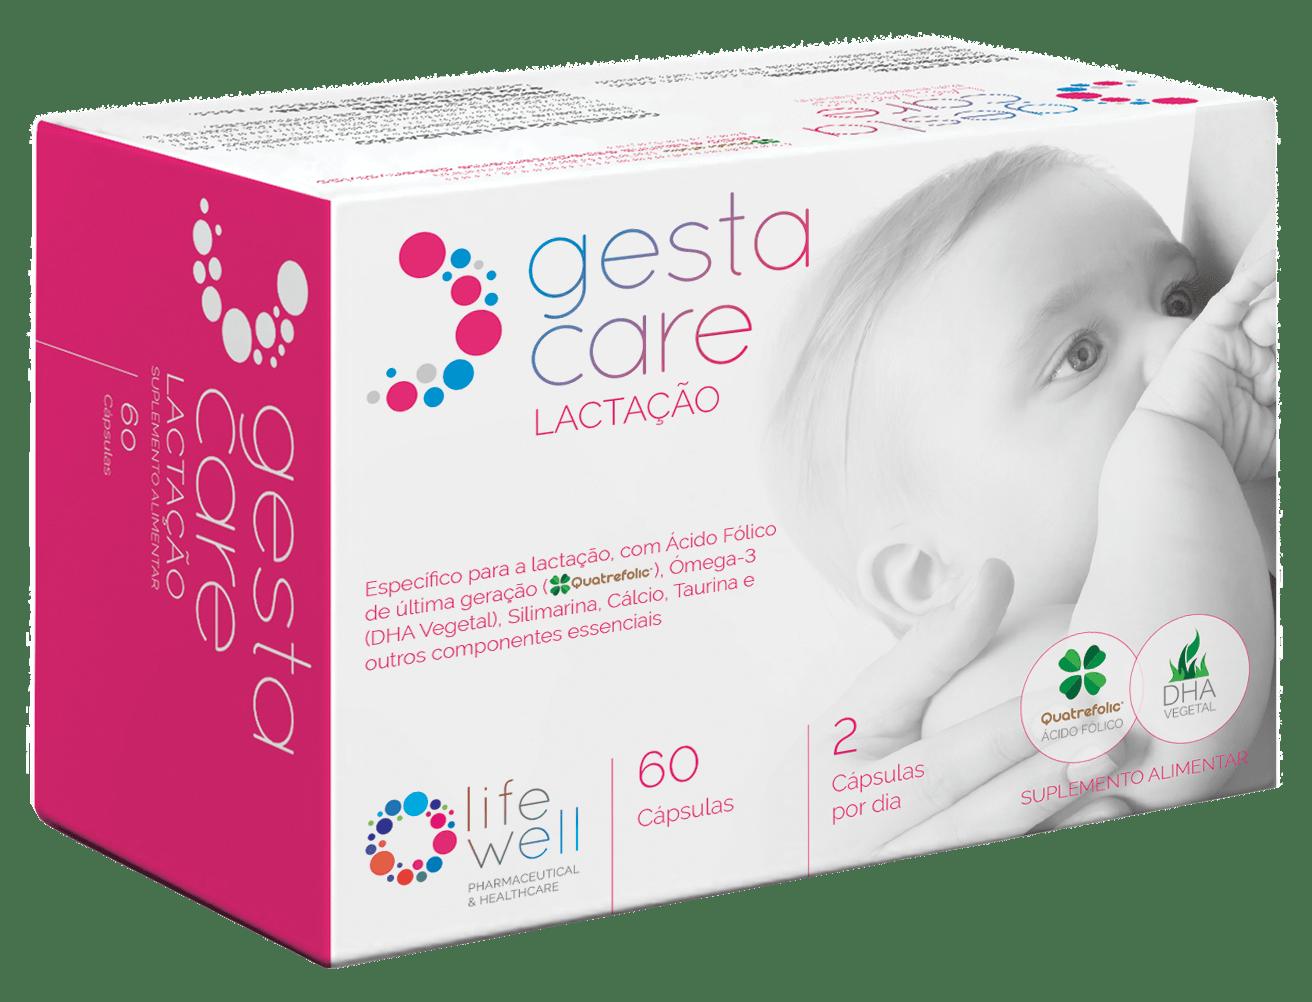 Embalagem GestaCare Lactação